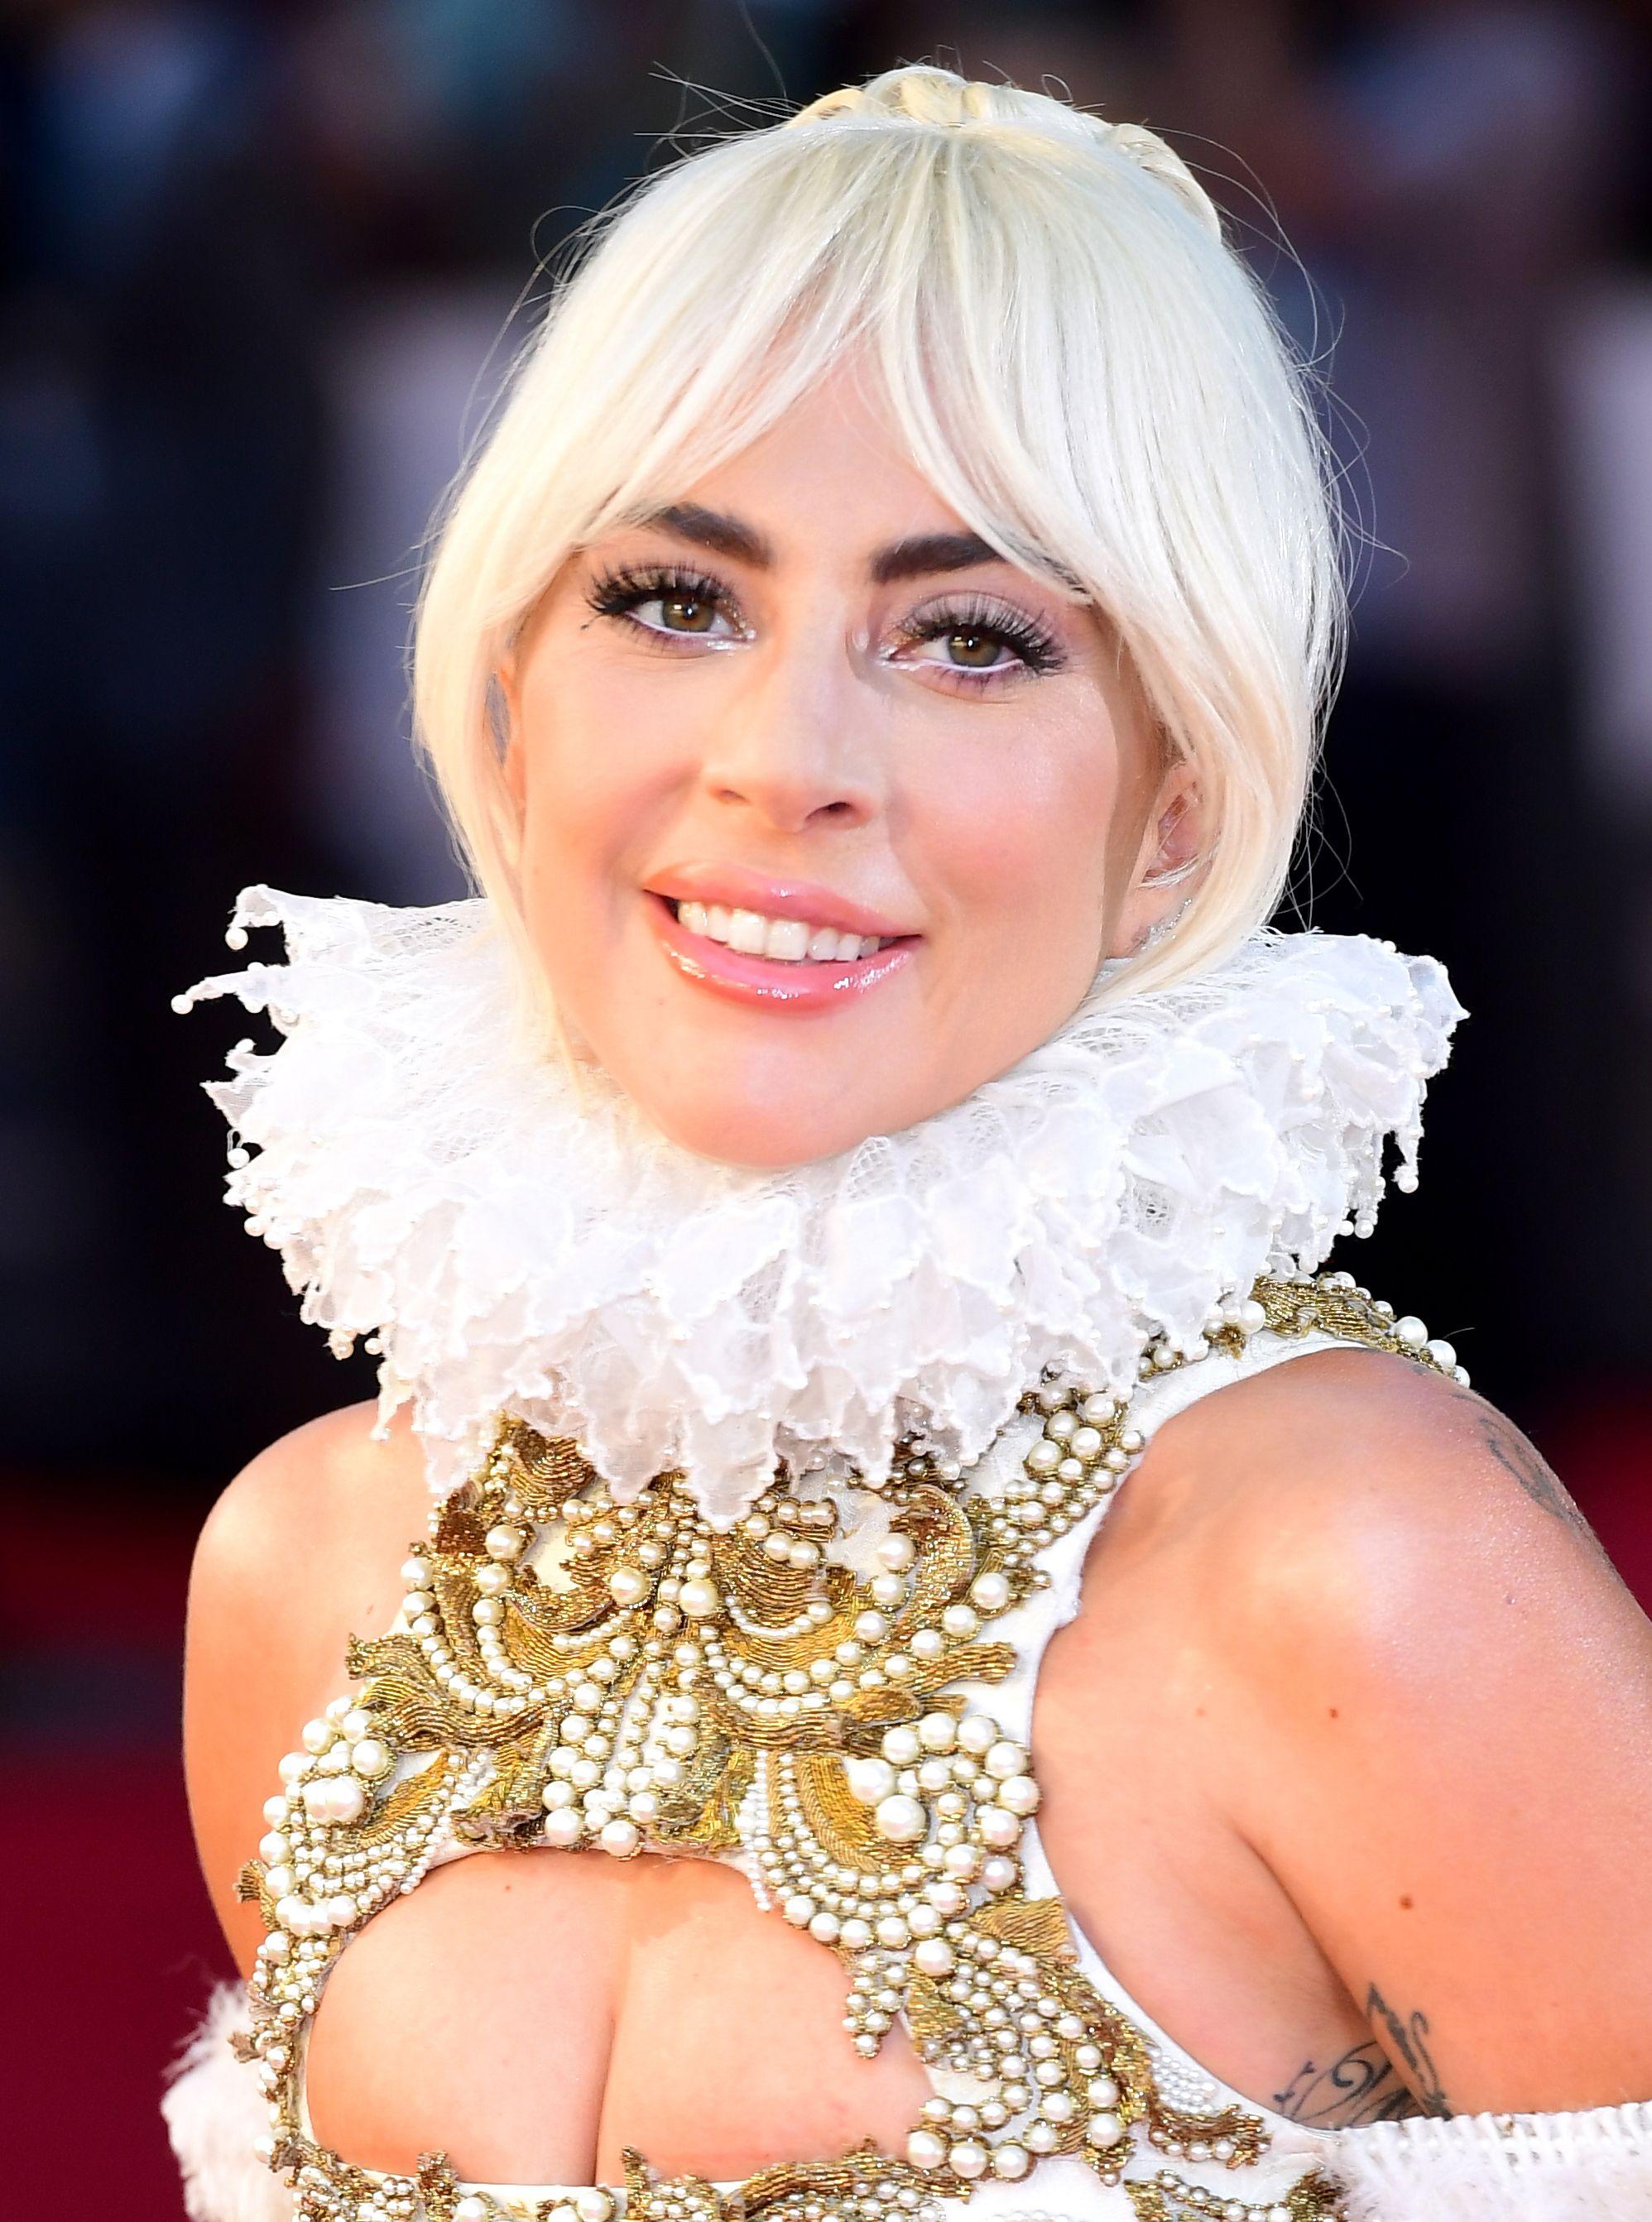 Lady Gaga și-a tuns și vopsit părul după ce a terminat filmările pentru A Star is Born